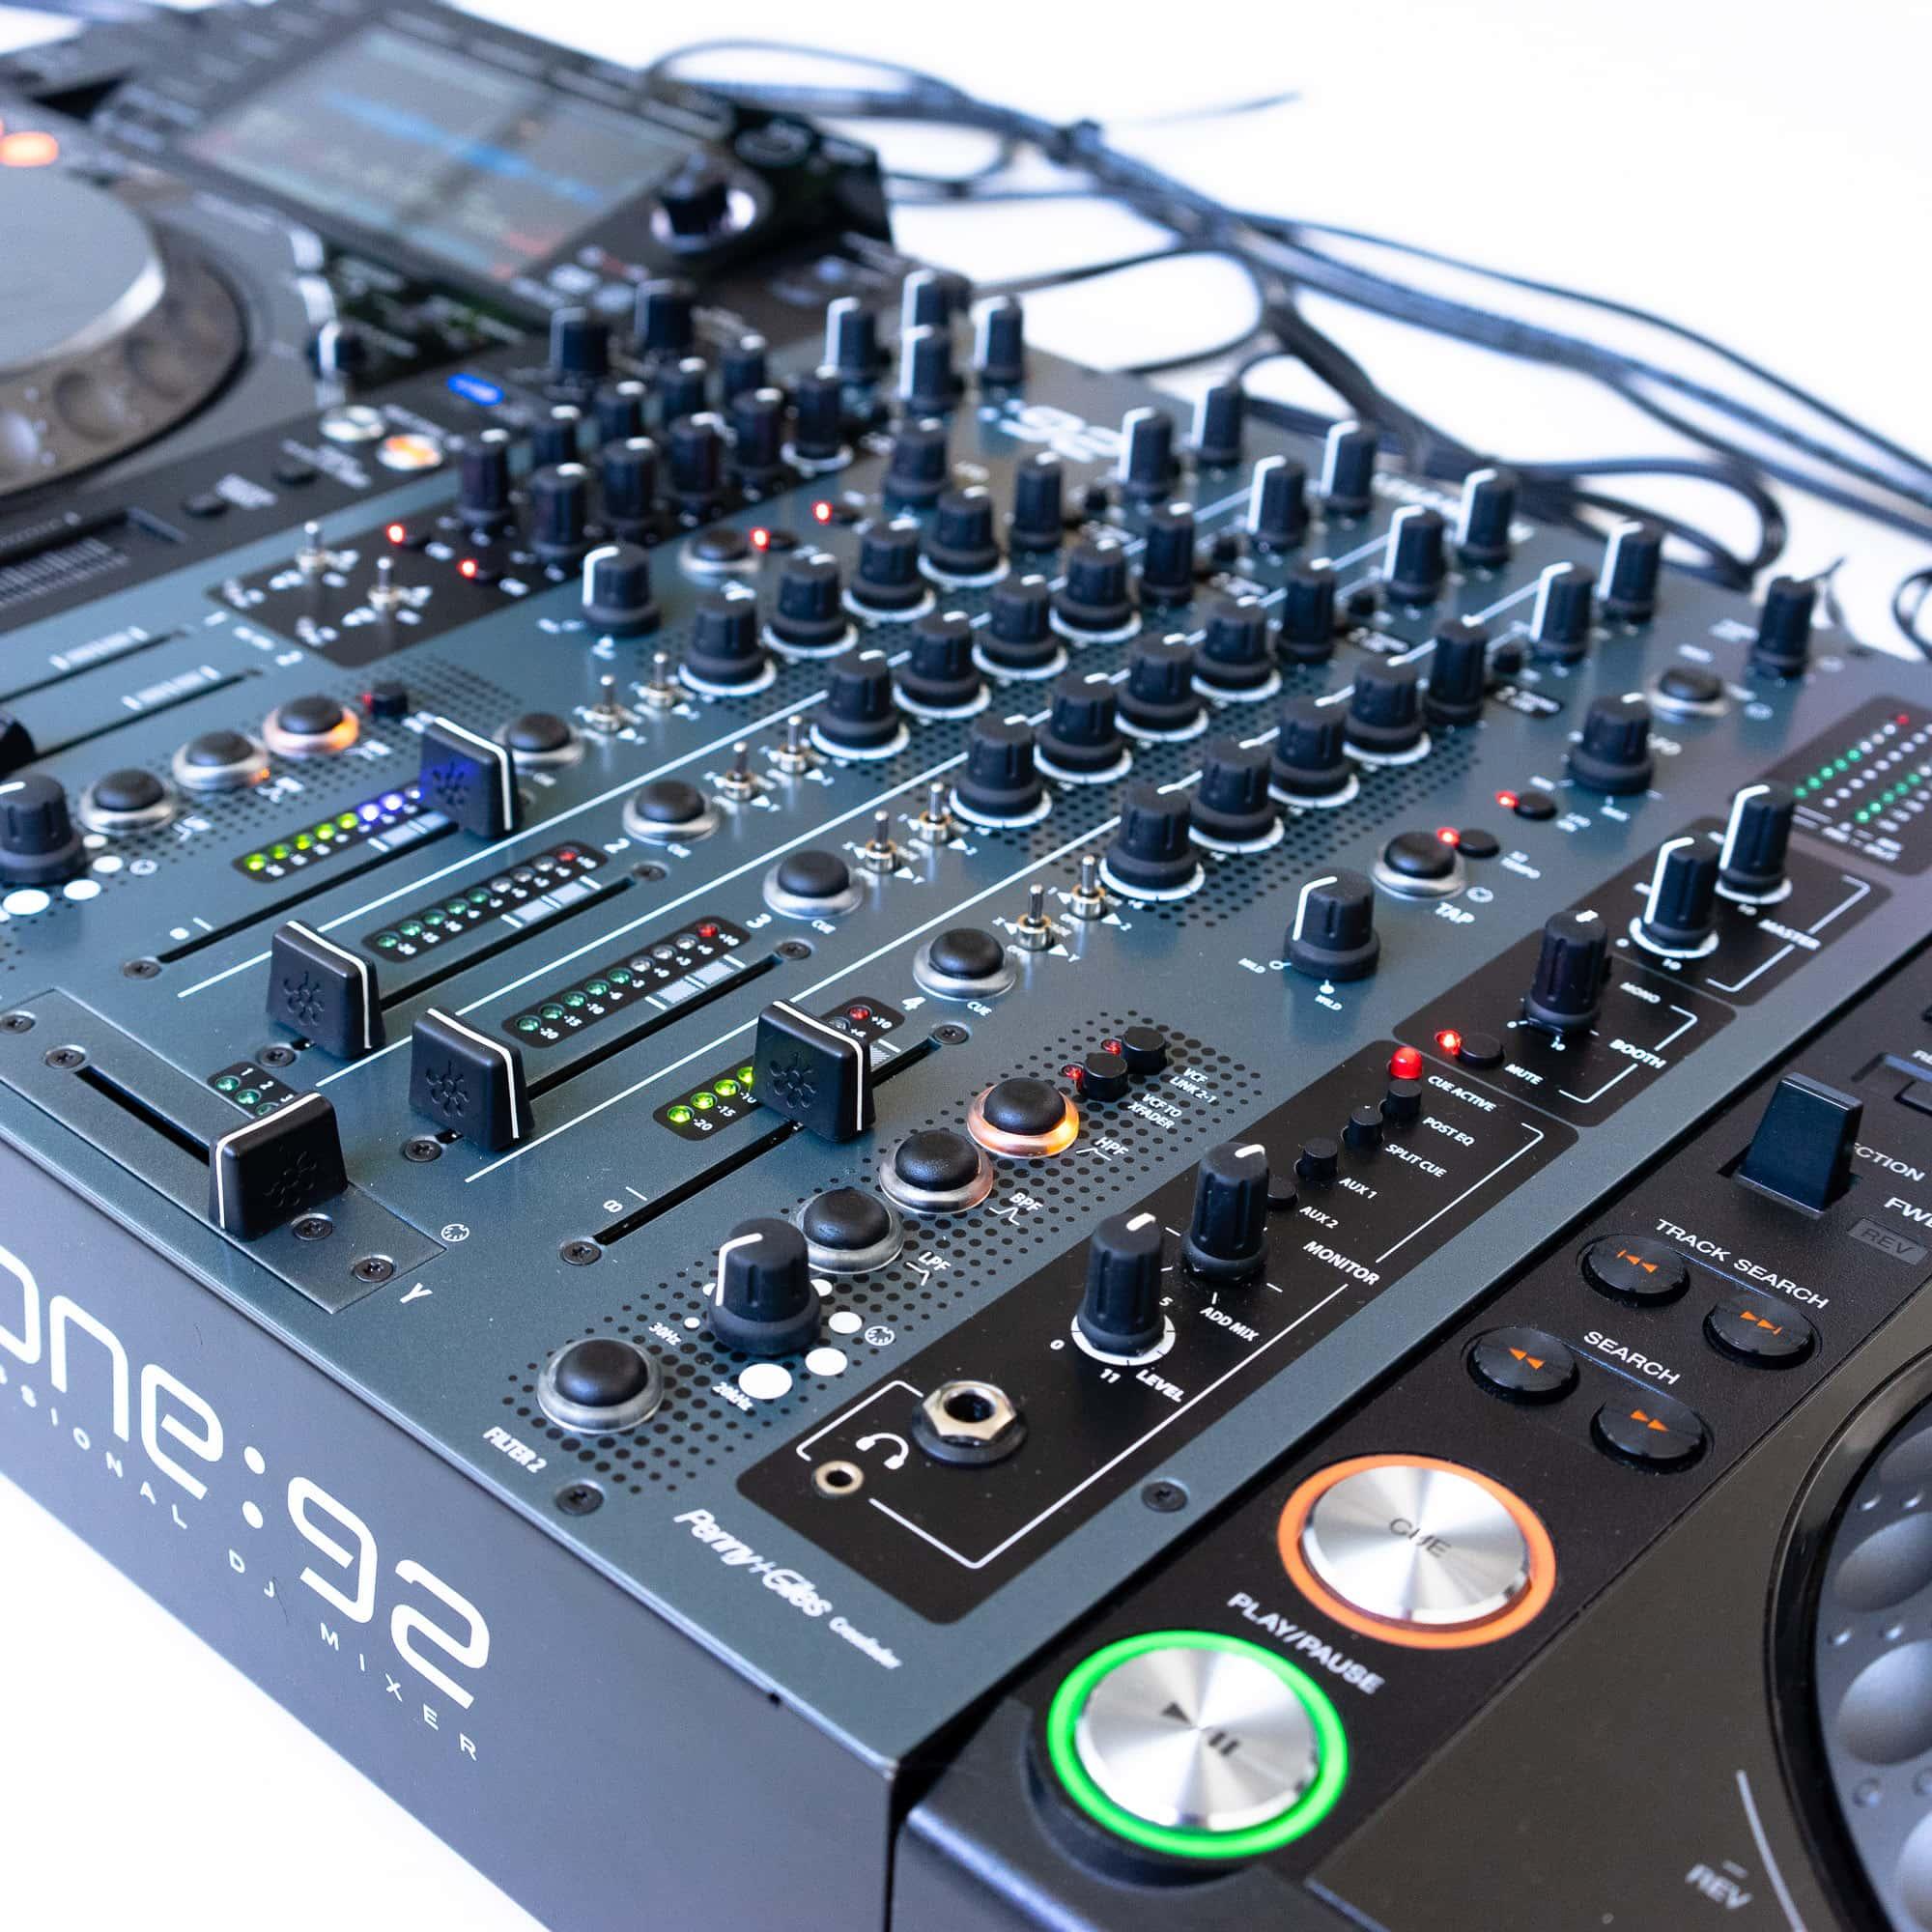 gebraucht kaufen DJ-Set: 2x Pioneer CDJ 2000 NXS Nexus + 1x Allen&Heath Xone 92